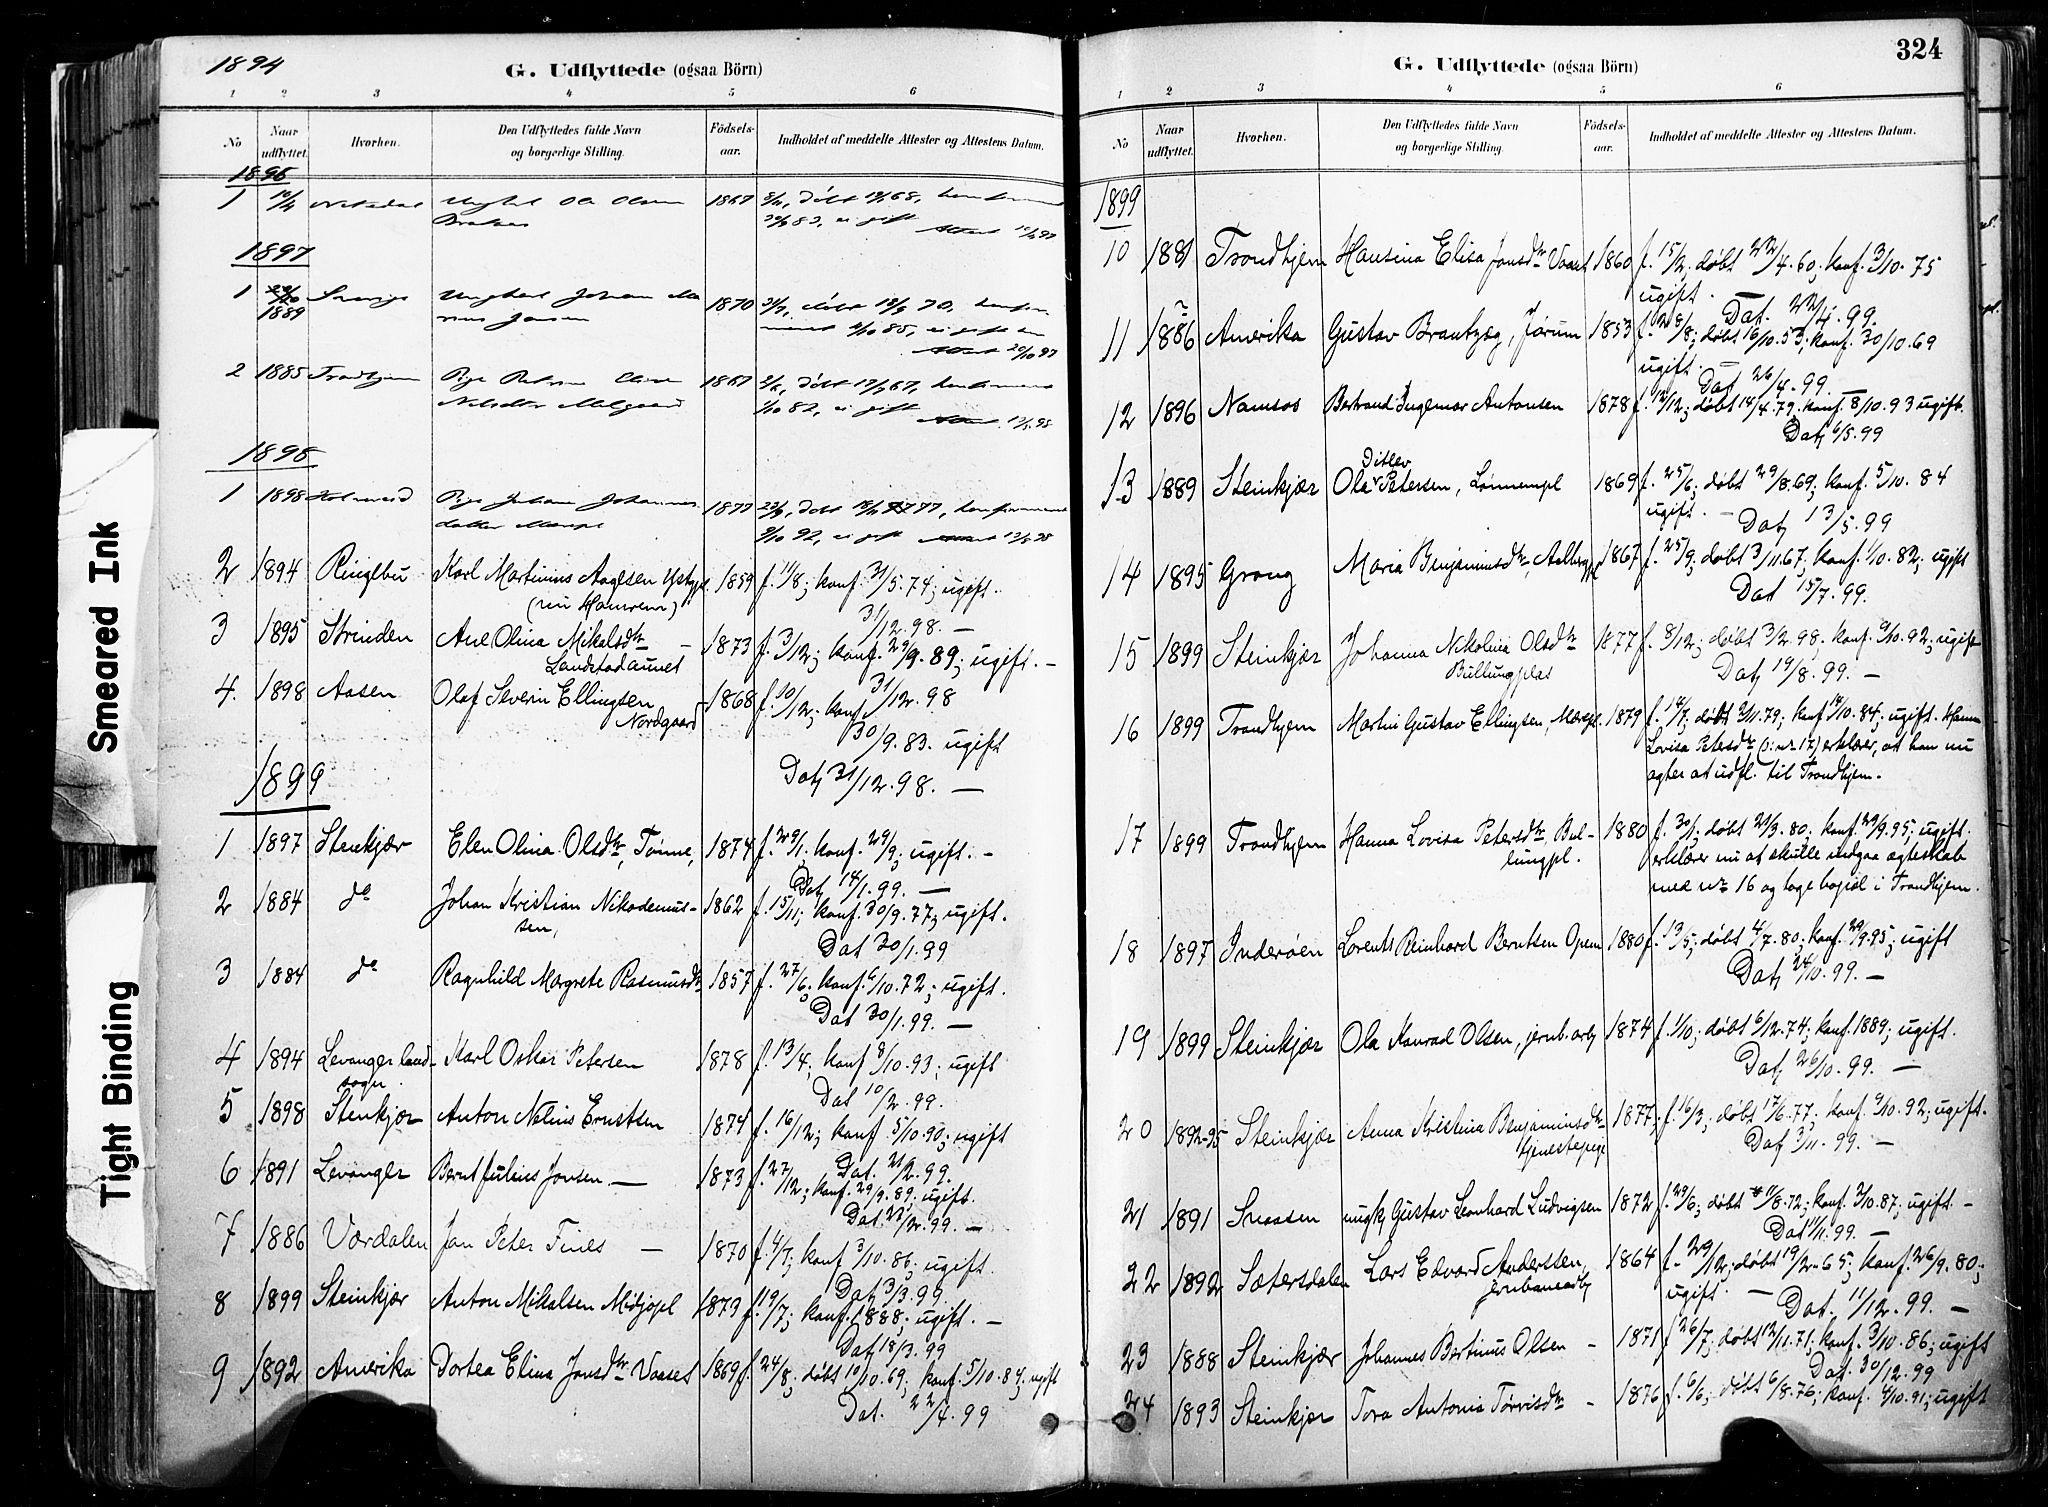 SAT, Ministerialprotokoller, klokkerbøker og fødselsregistre - Nord-Trøndelag, 735/L0351: Ministerialbok nr. 735A10, 1884-1908, s. 324